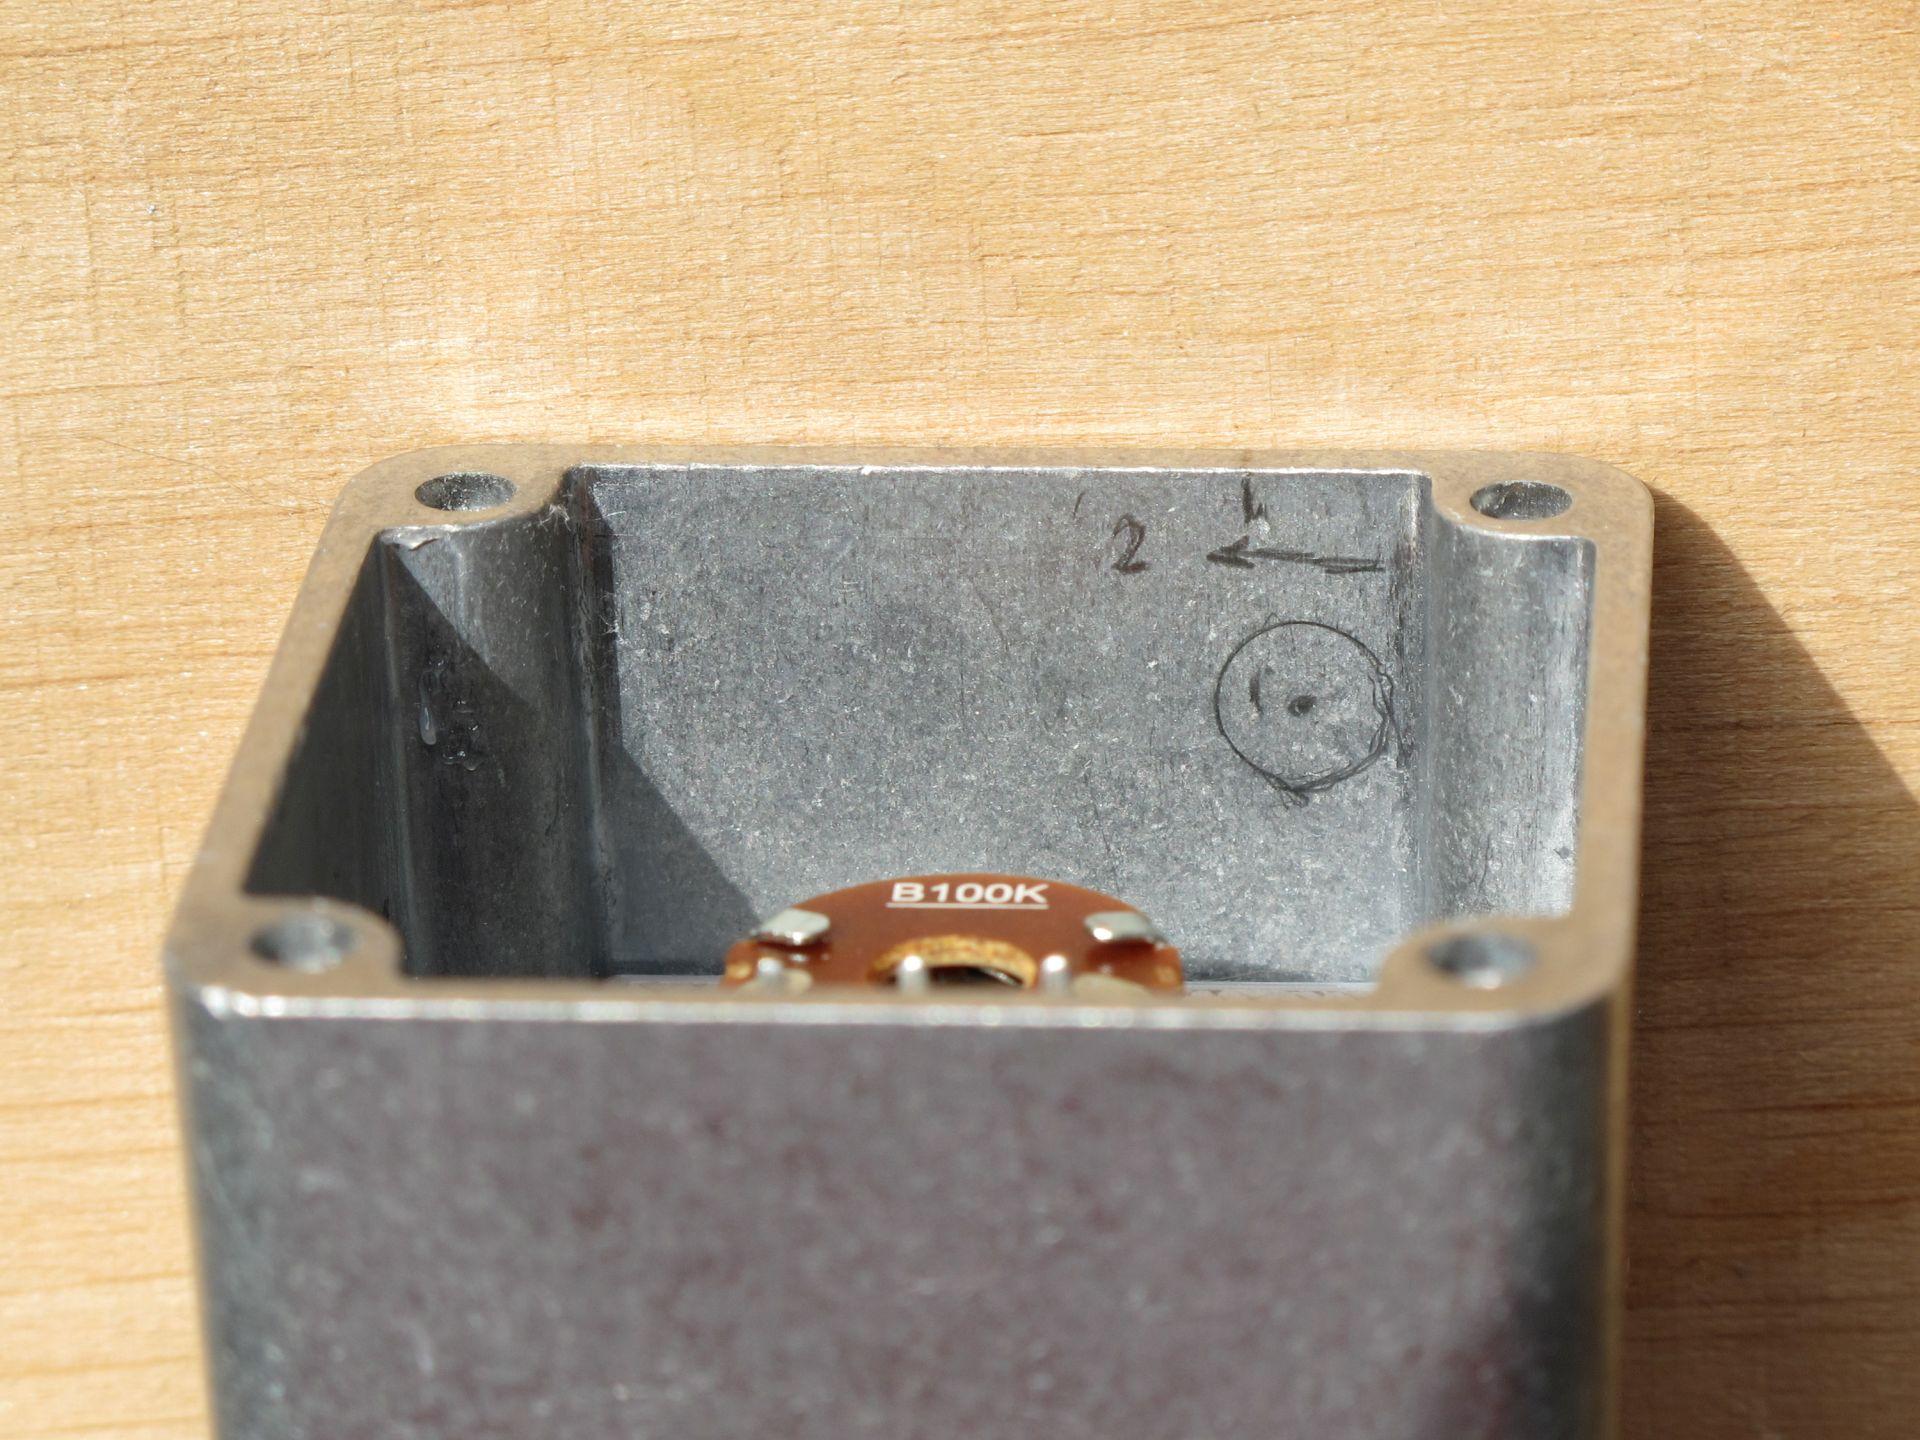 Markings on aluminum case